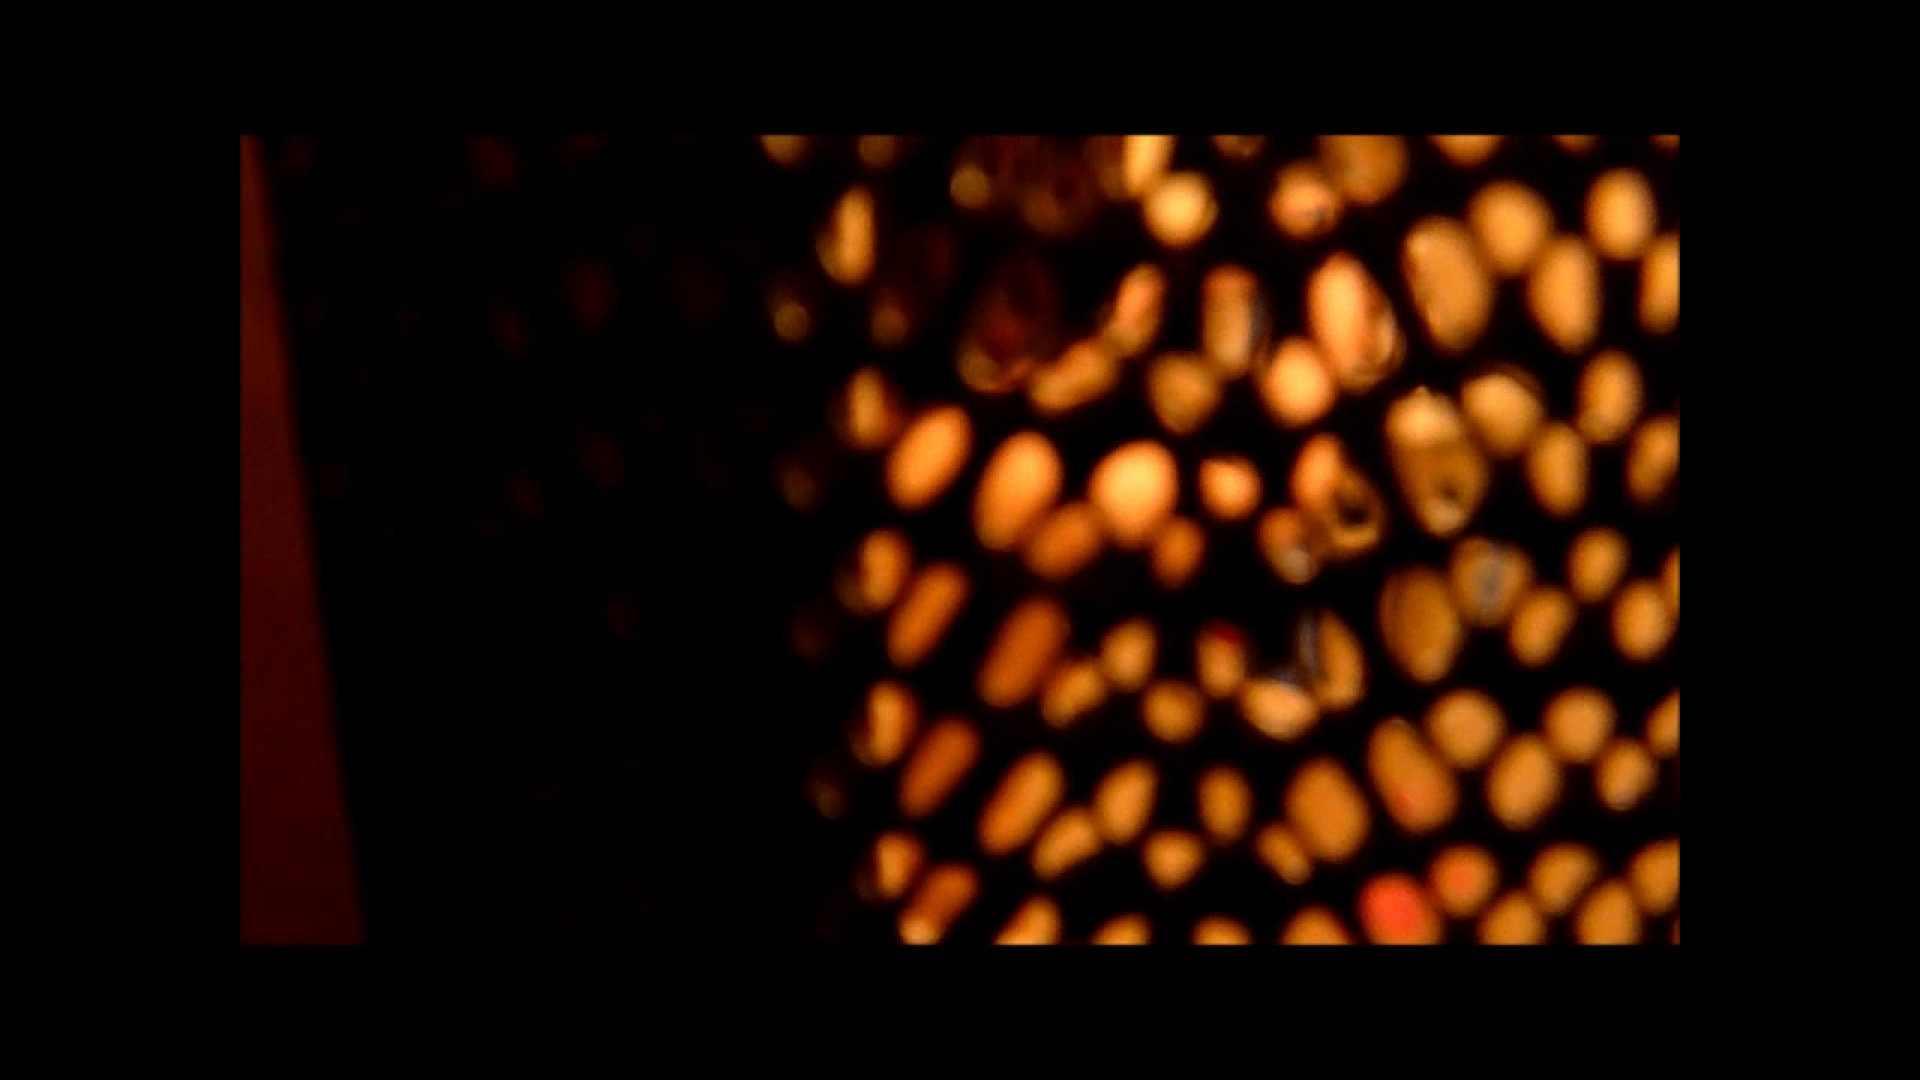 【02】ベランダに侵入して張り込みを始めて・・・やっと結果が出ました。 家宅侵入 | 0  82画像 6